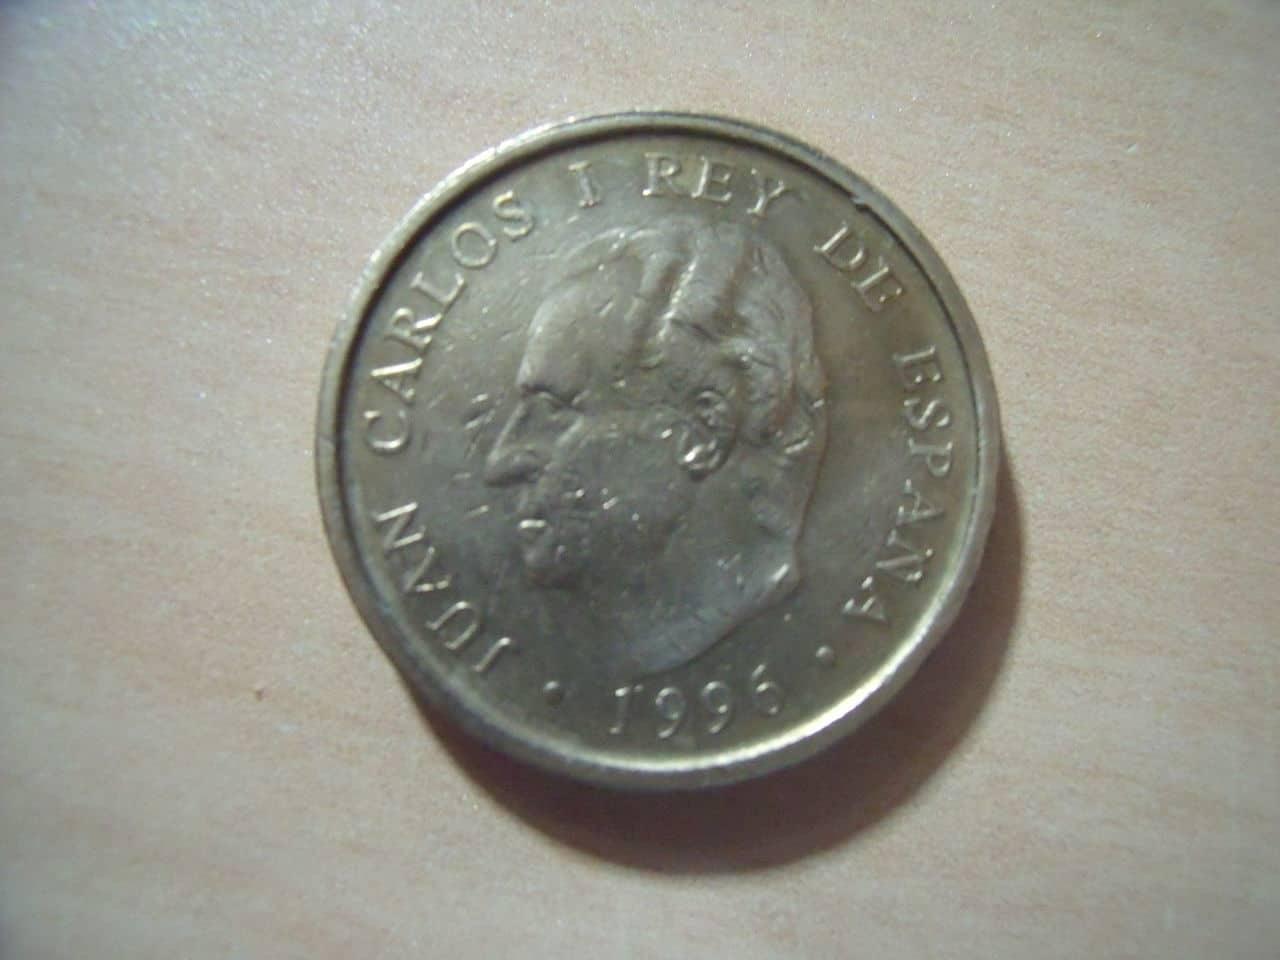 Variantes en monedas 100 Ptas. JCI 100_Ptas_1996_canto_ancho_003